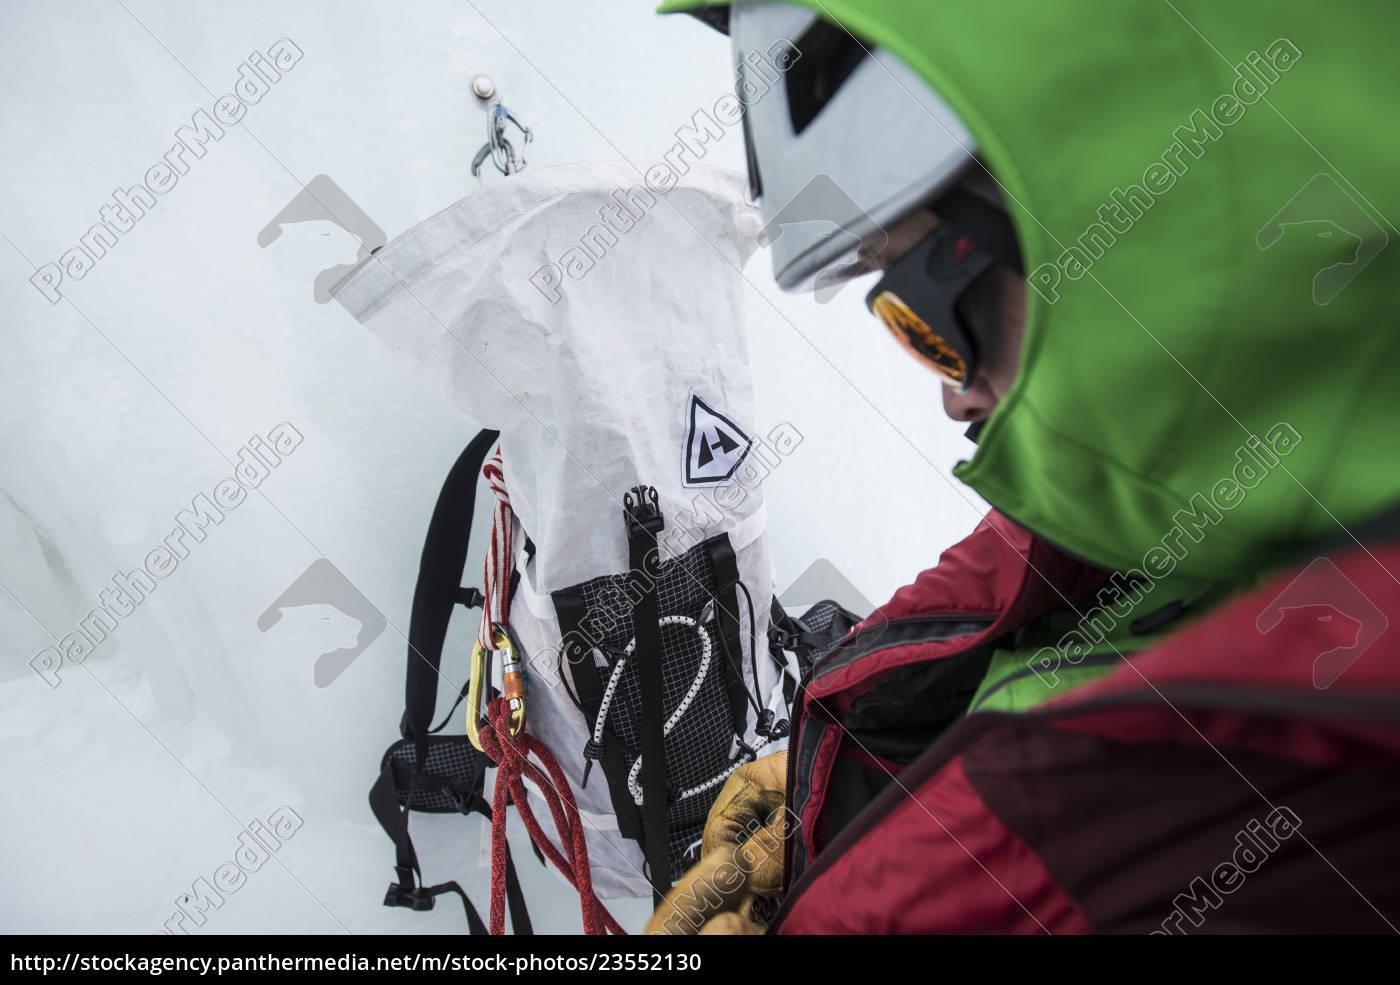 wspinacz, przygotowuje, się, przed, wspinaczką, lodową - 23552130